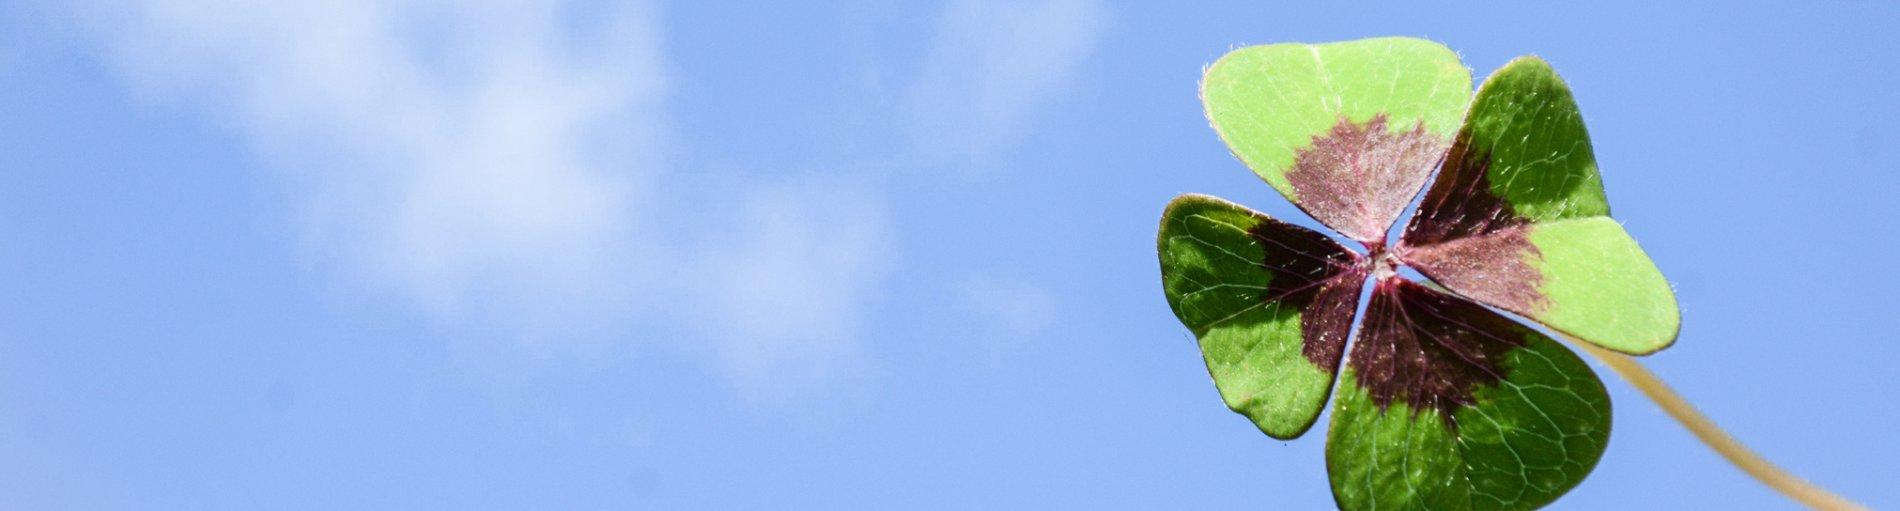 Ein vierblättriges Kleeblatt auf weißem Hintergrund.